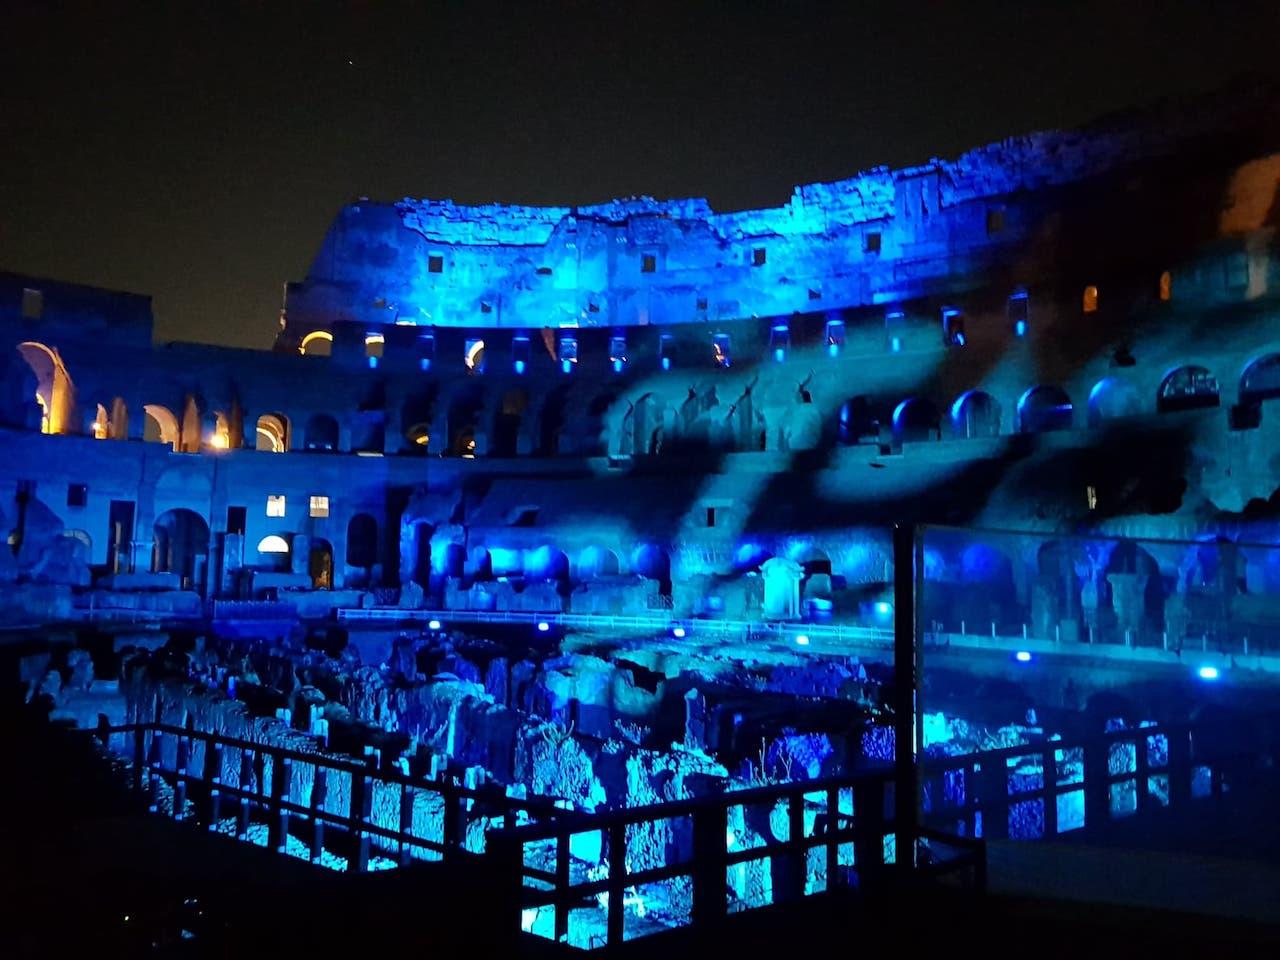 sangue e arena show imersivo no coliseu de roma